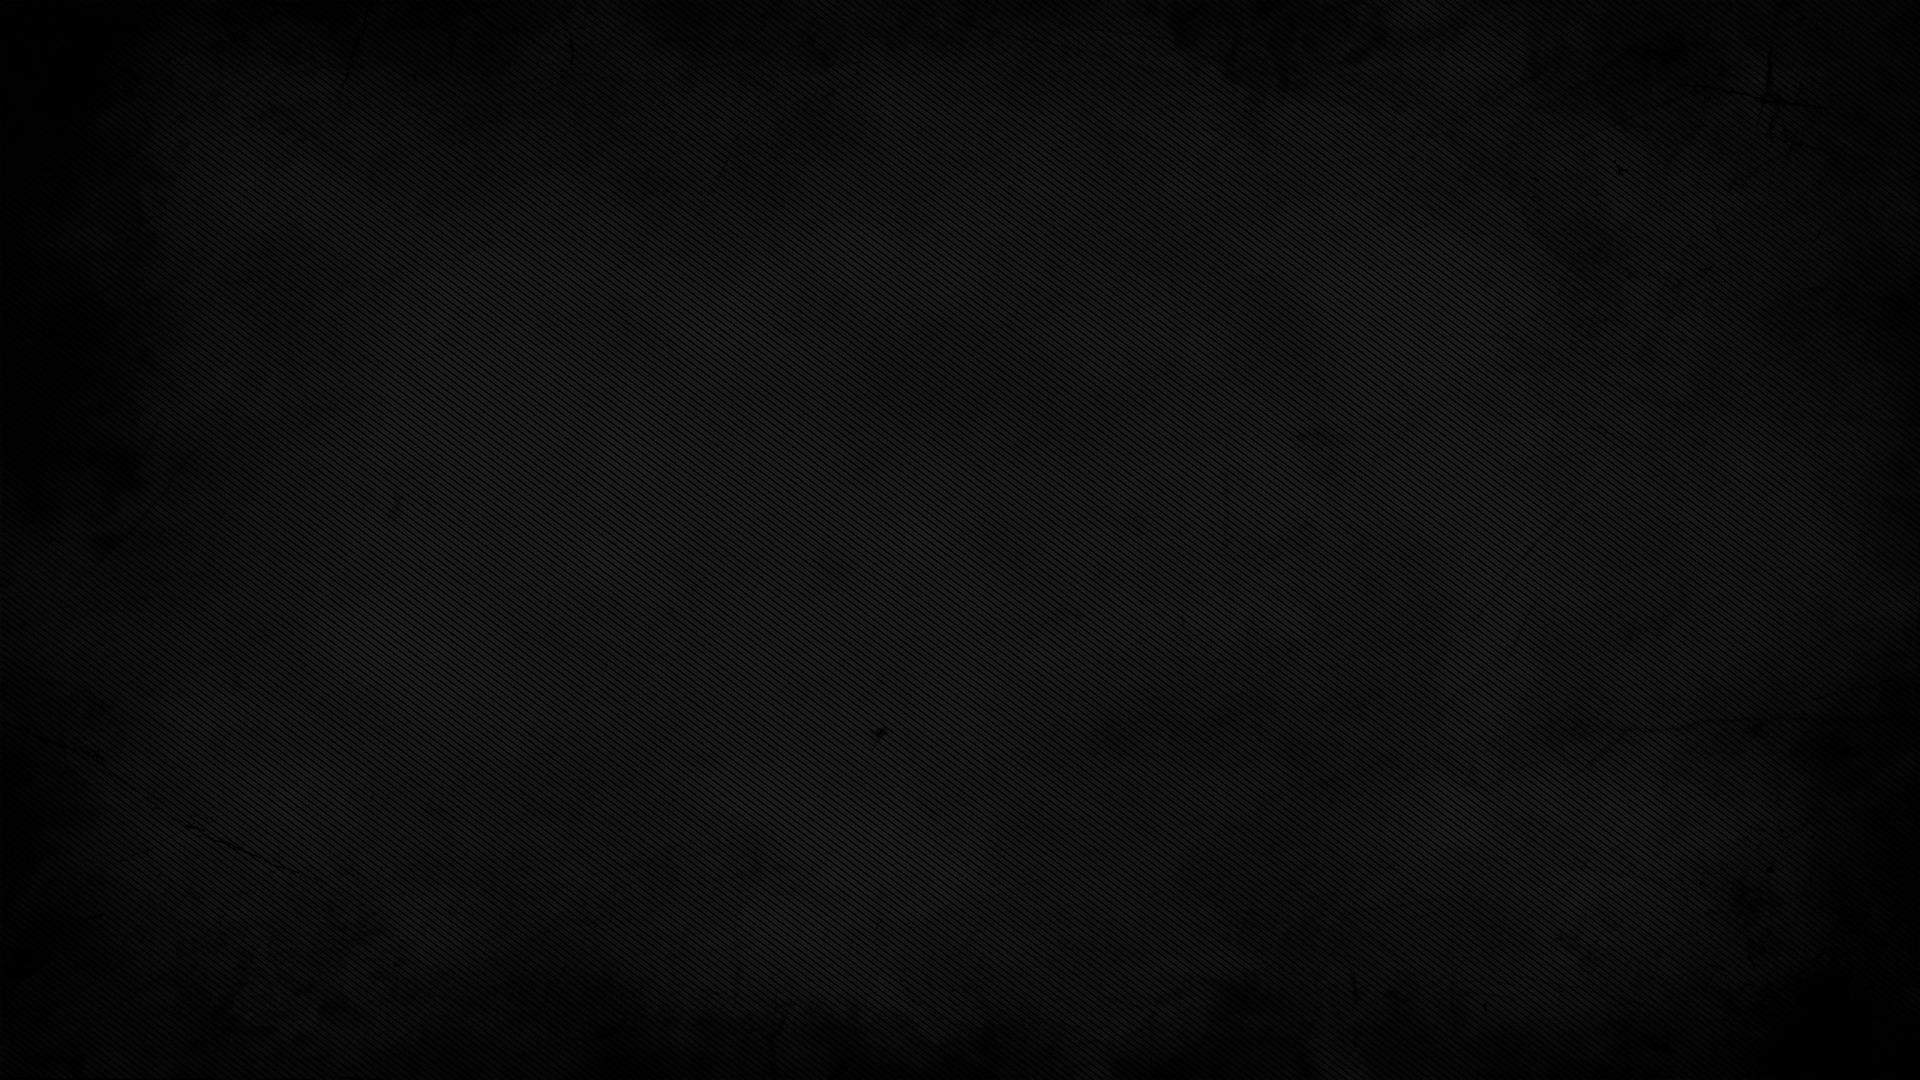 Textur Linie Diagonal schwarz Hintergrund Vektorgrafik 1920x1080